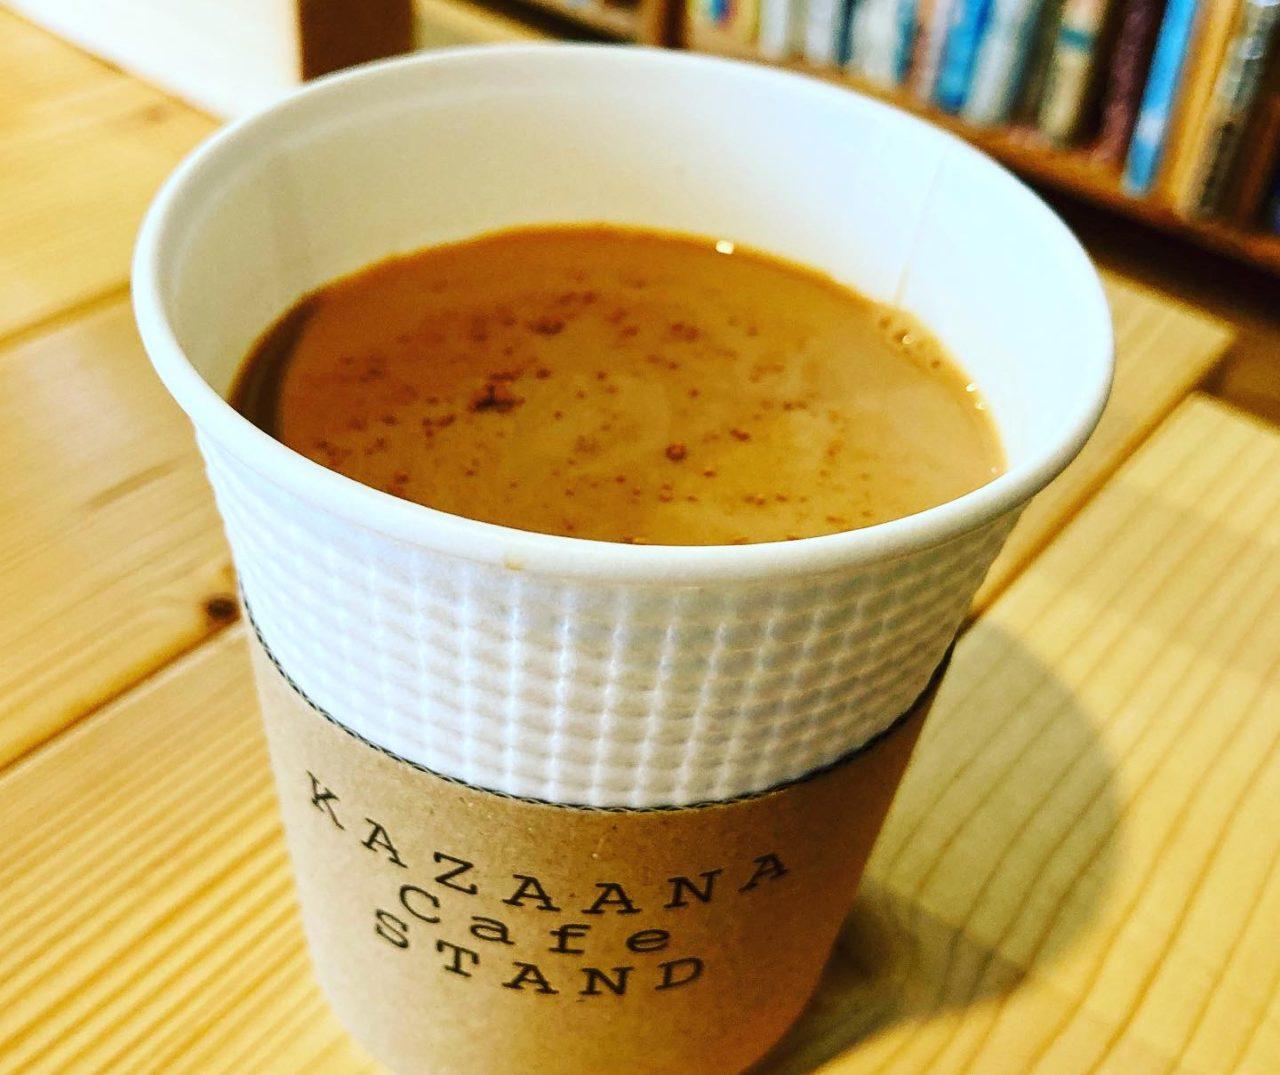 KAZAANA Cafe STAND